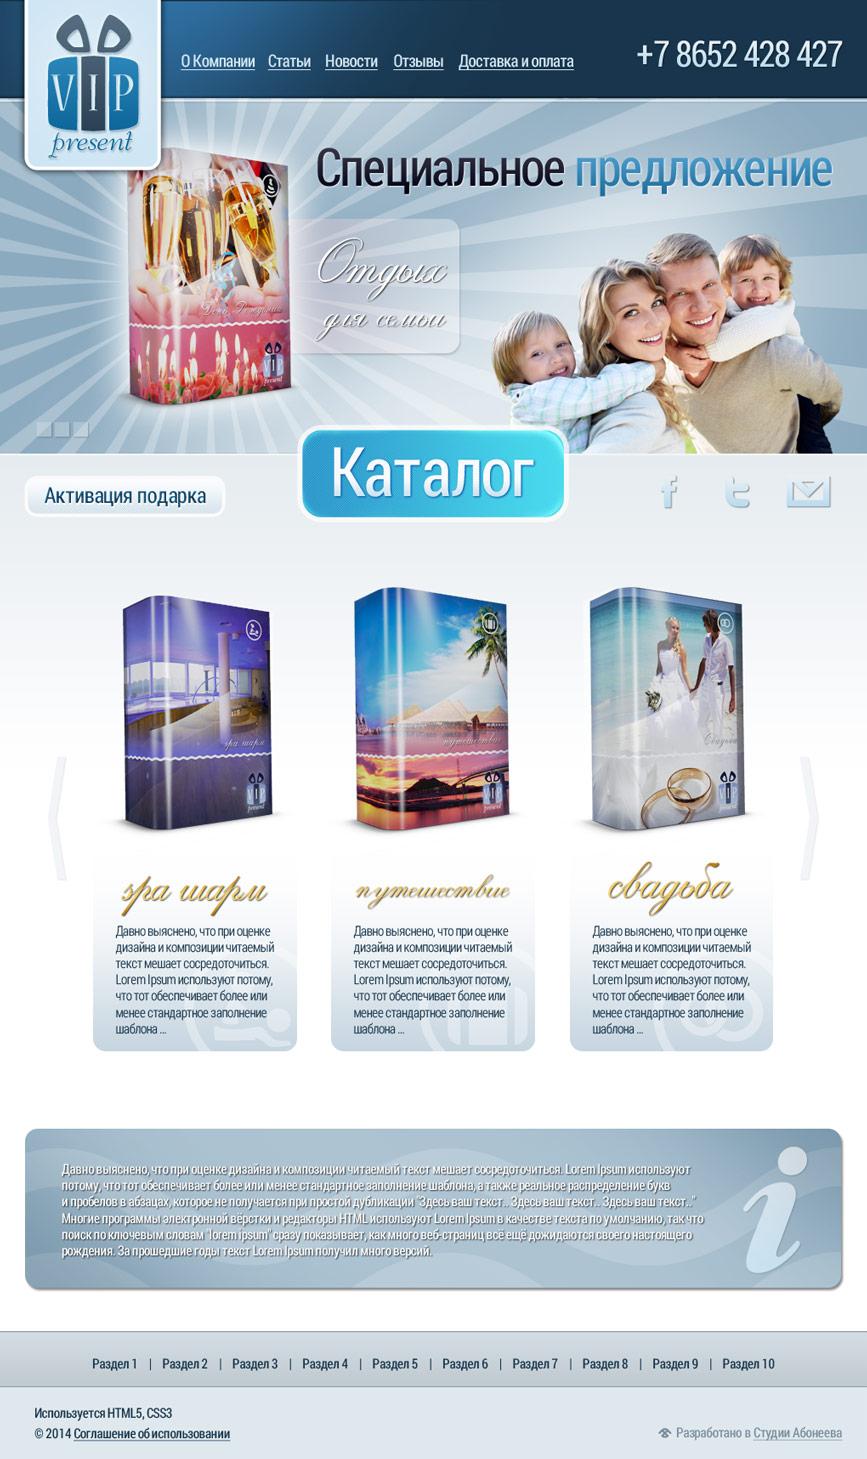 Макет главной страницы интернет-магазина подарков